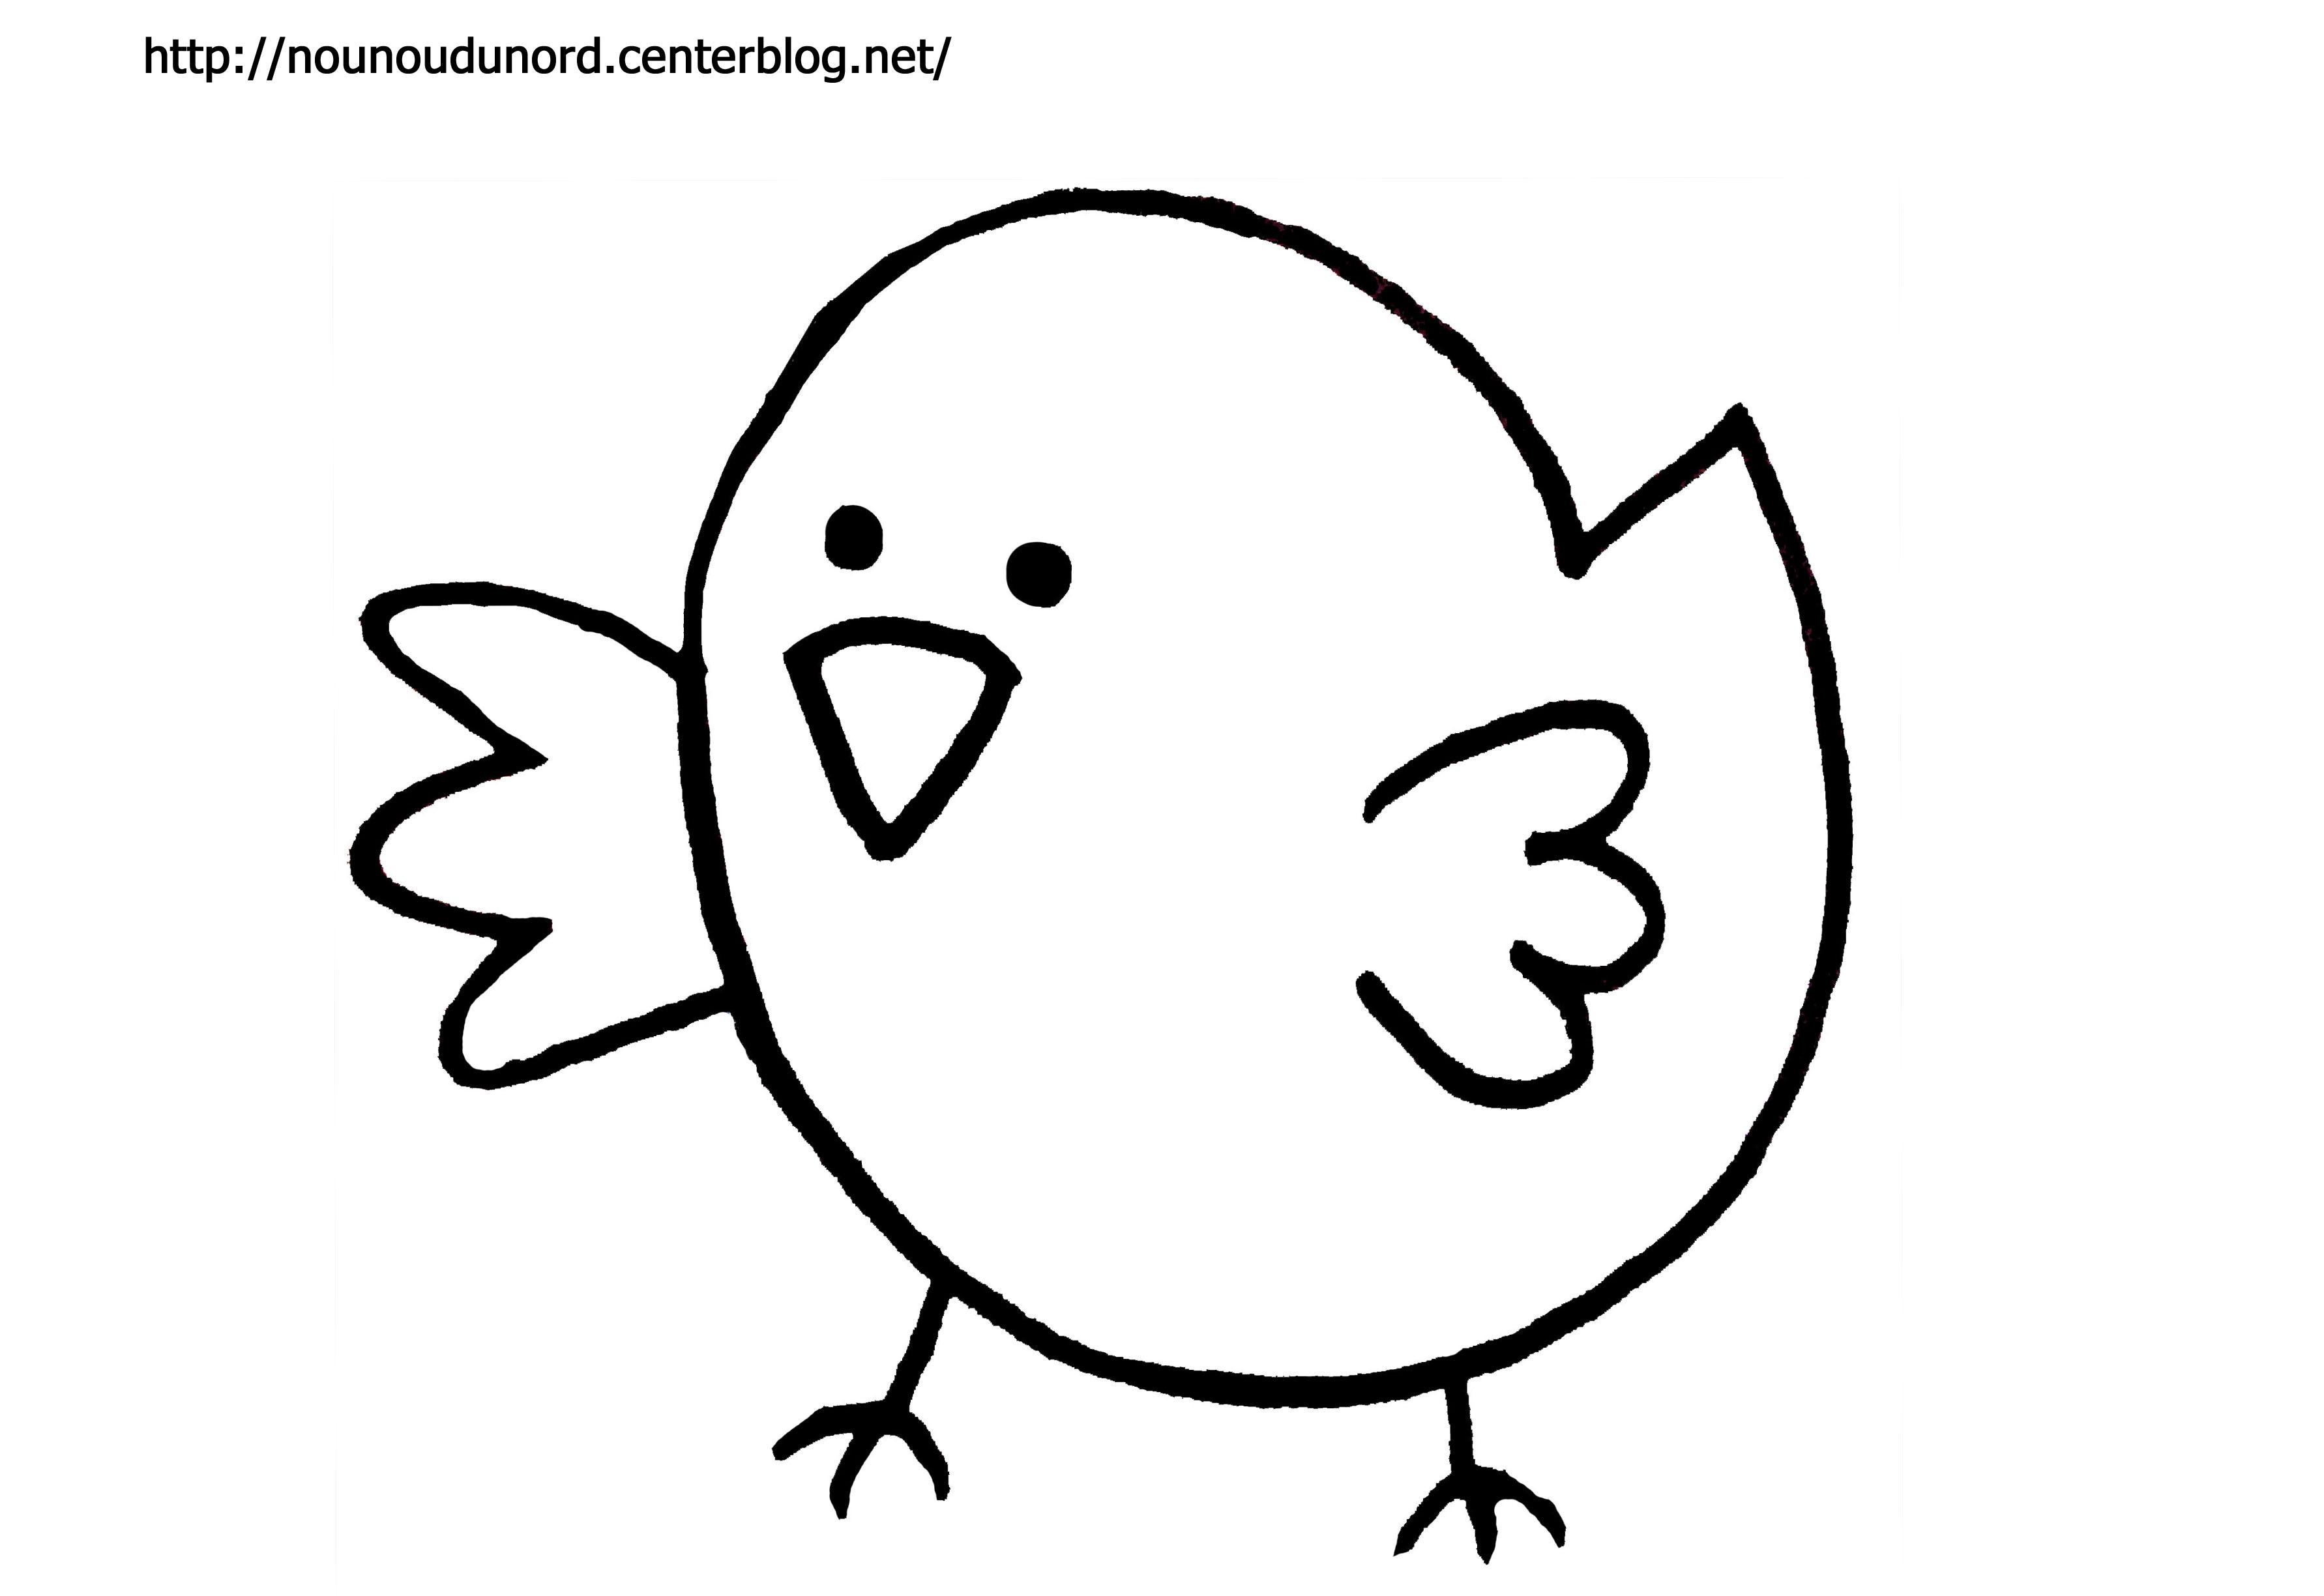 Coloriage dessiner poussin poule coq - Coq a dessiner ...